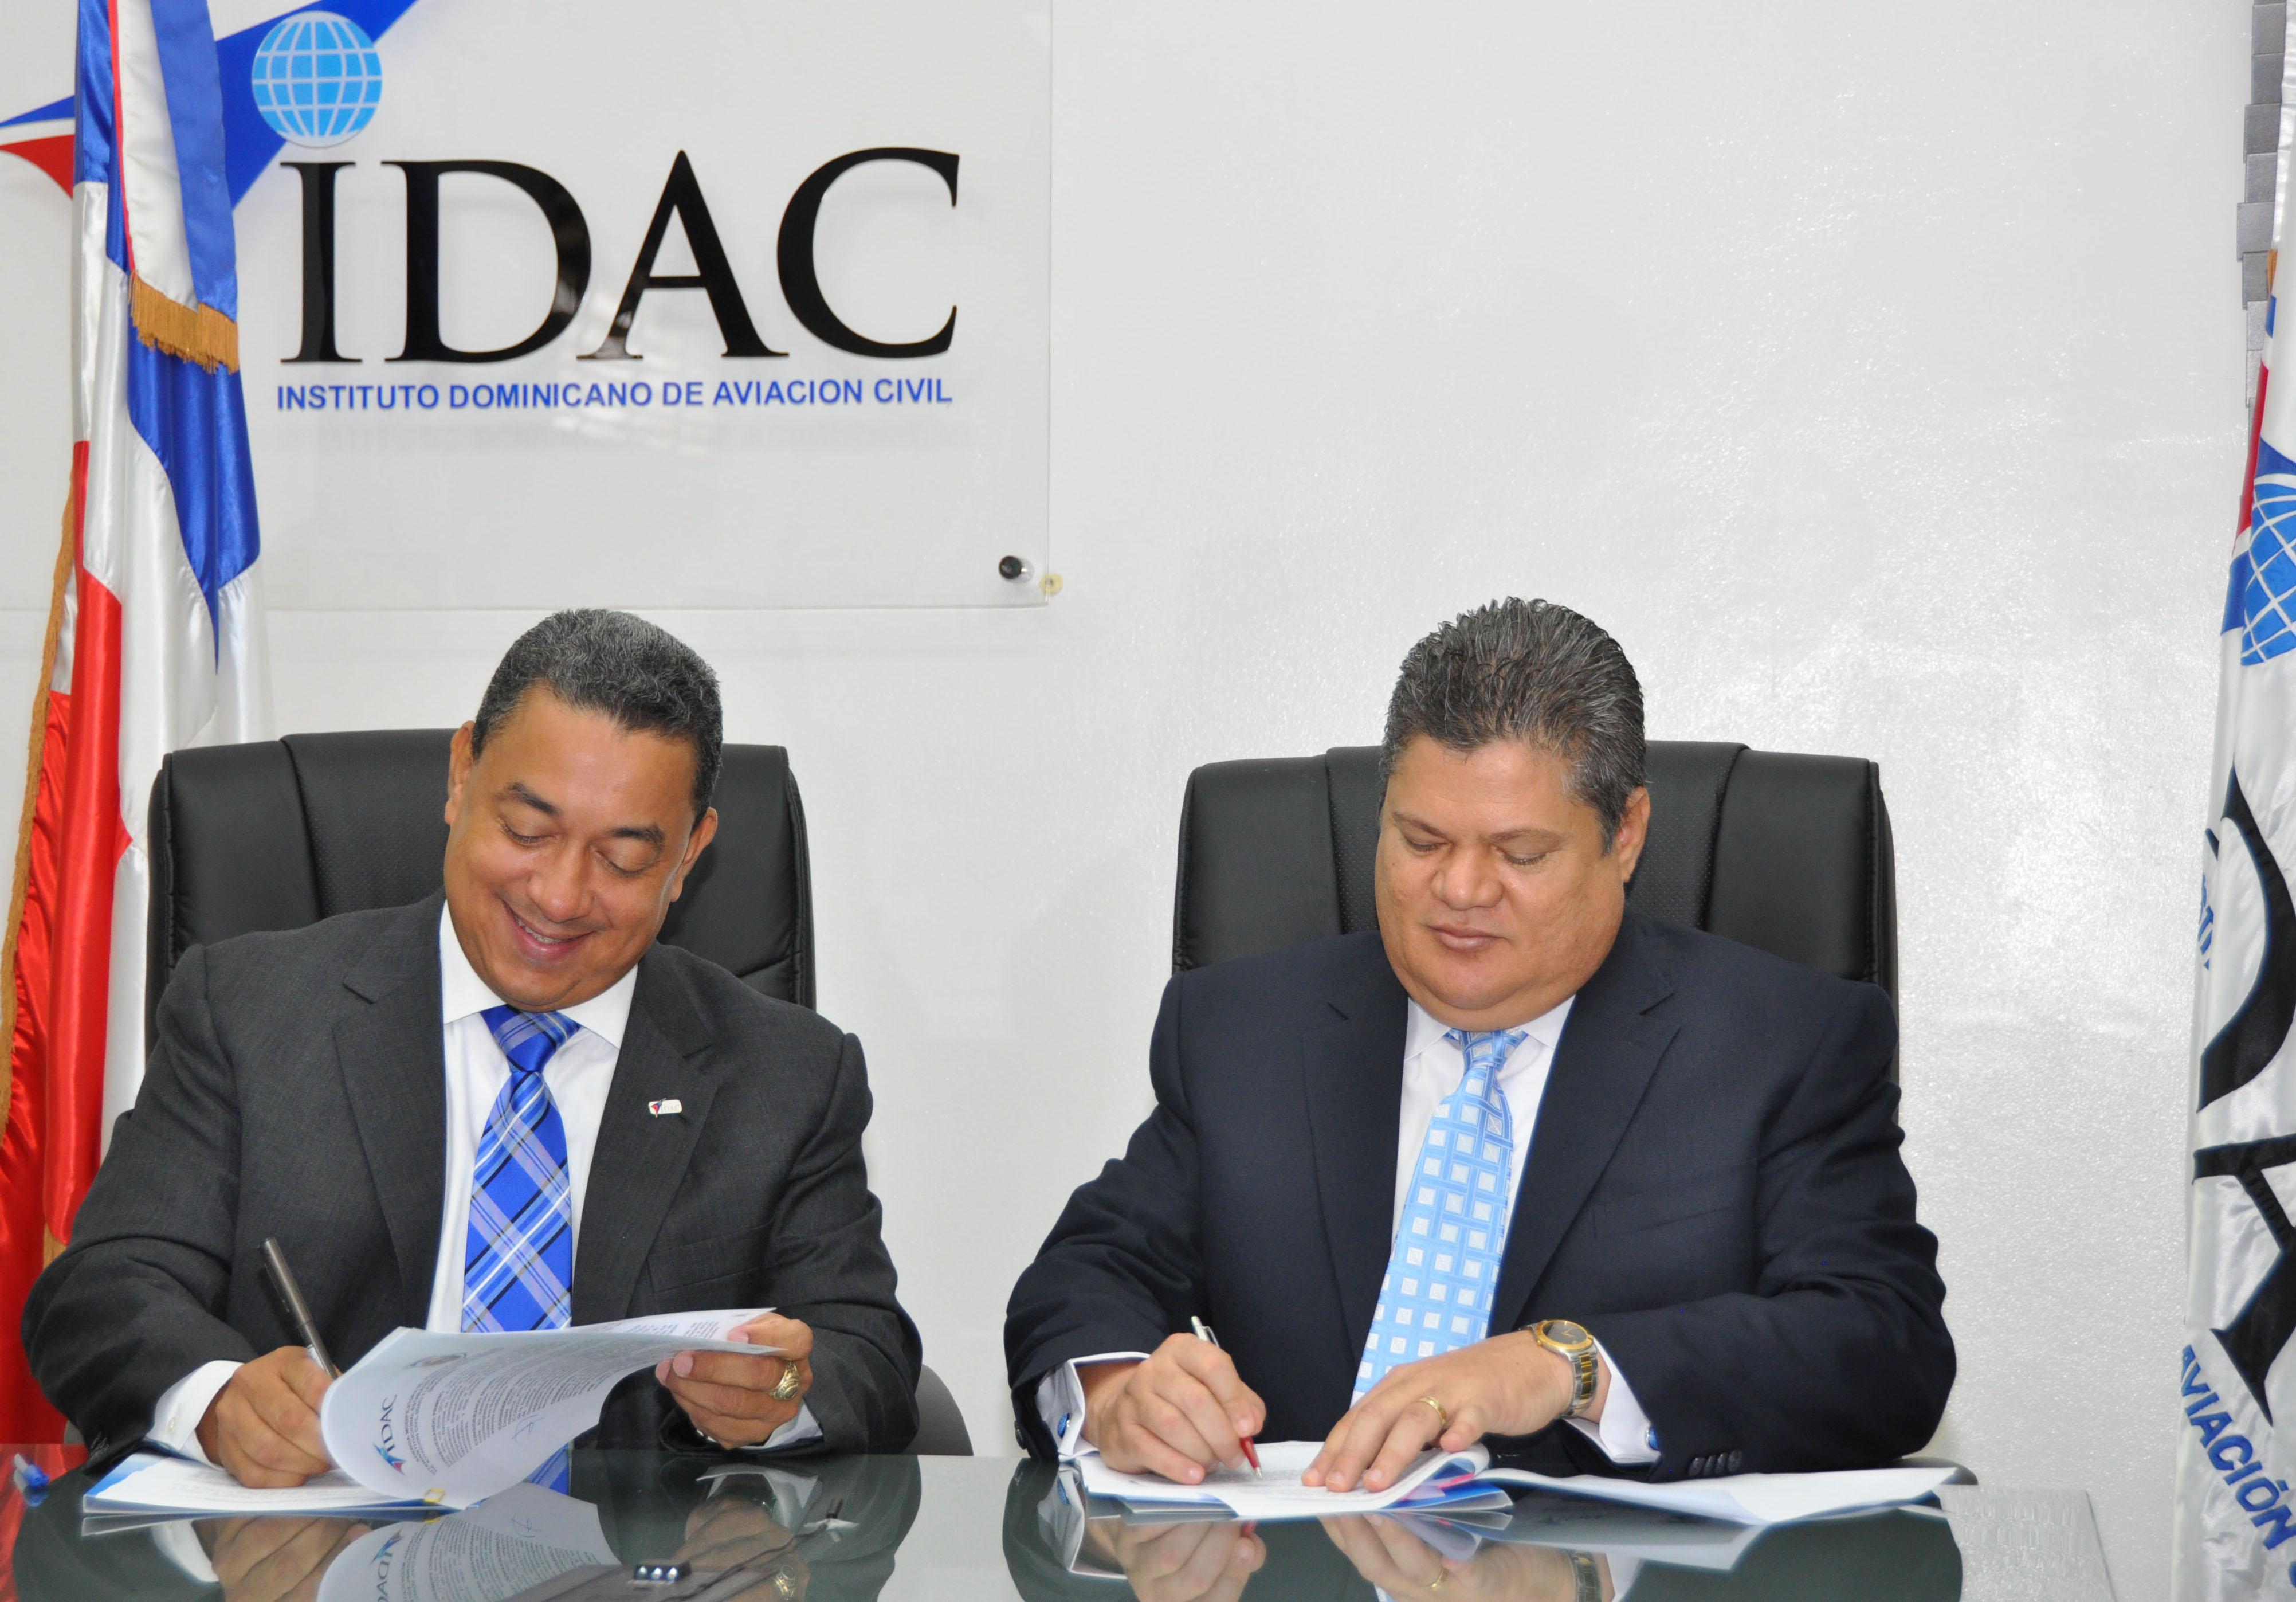 República Dominicana: IDAC y DNCD firman acuerdo interinstitucional